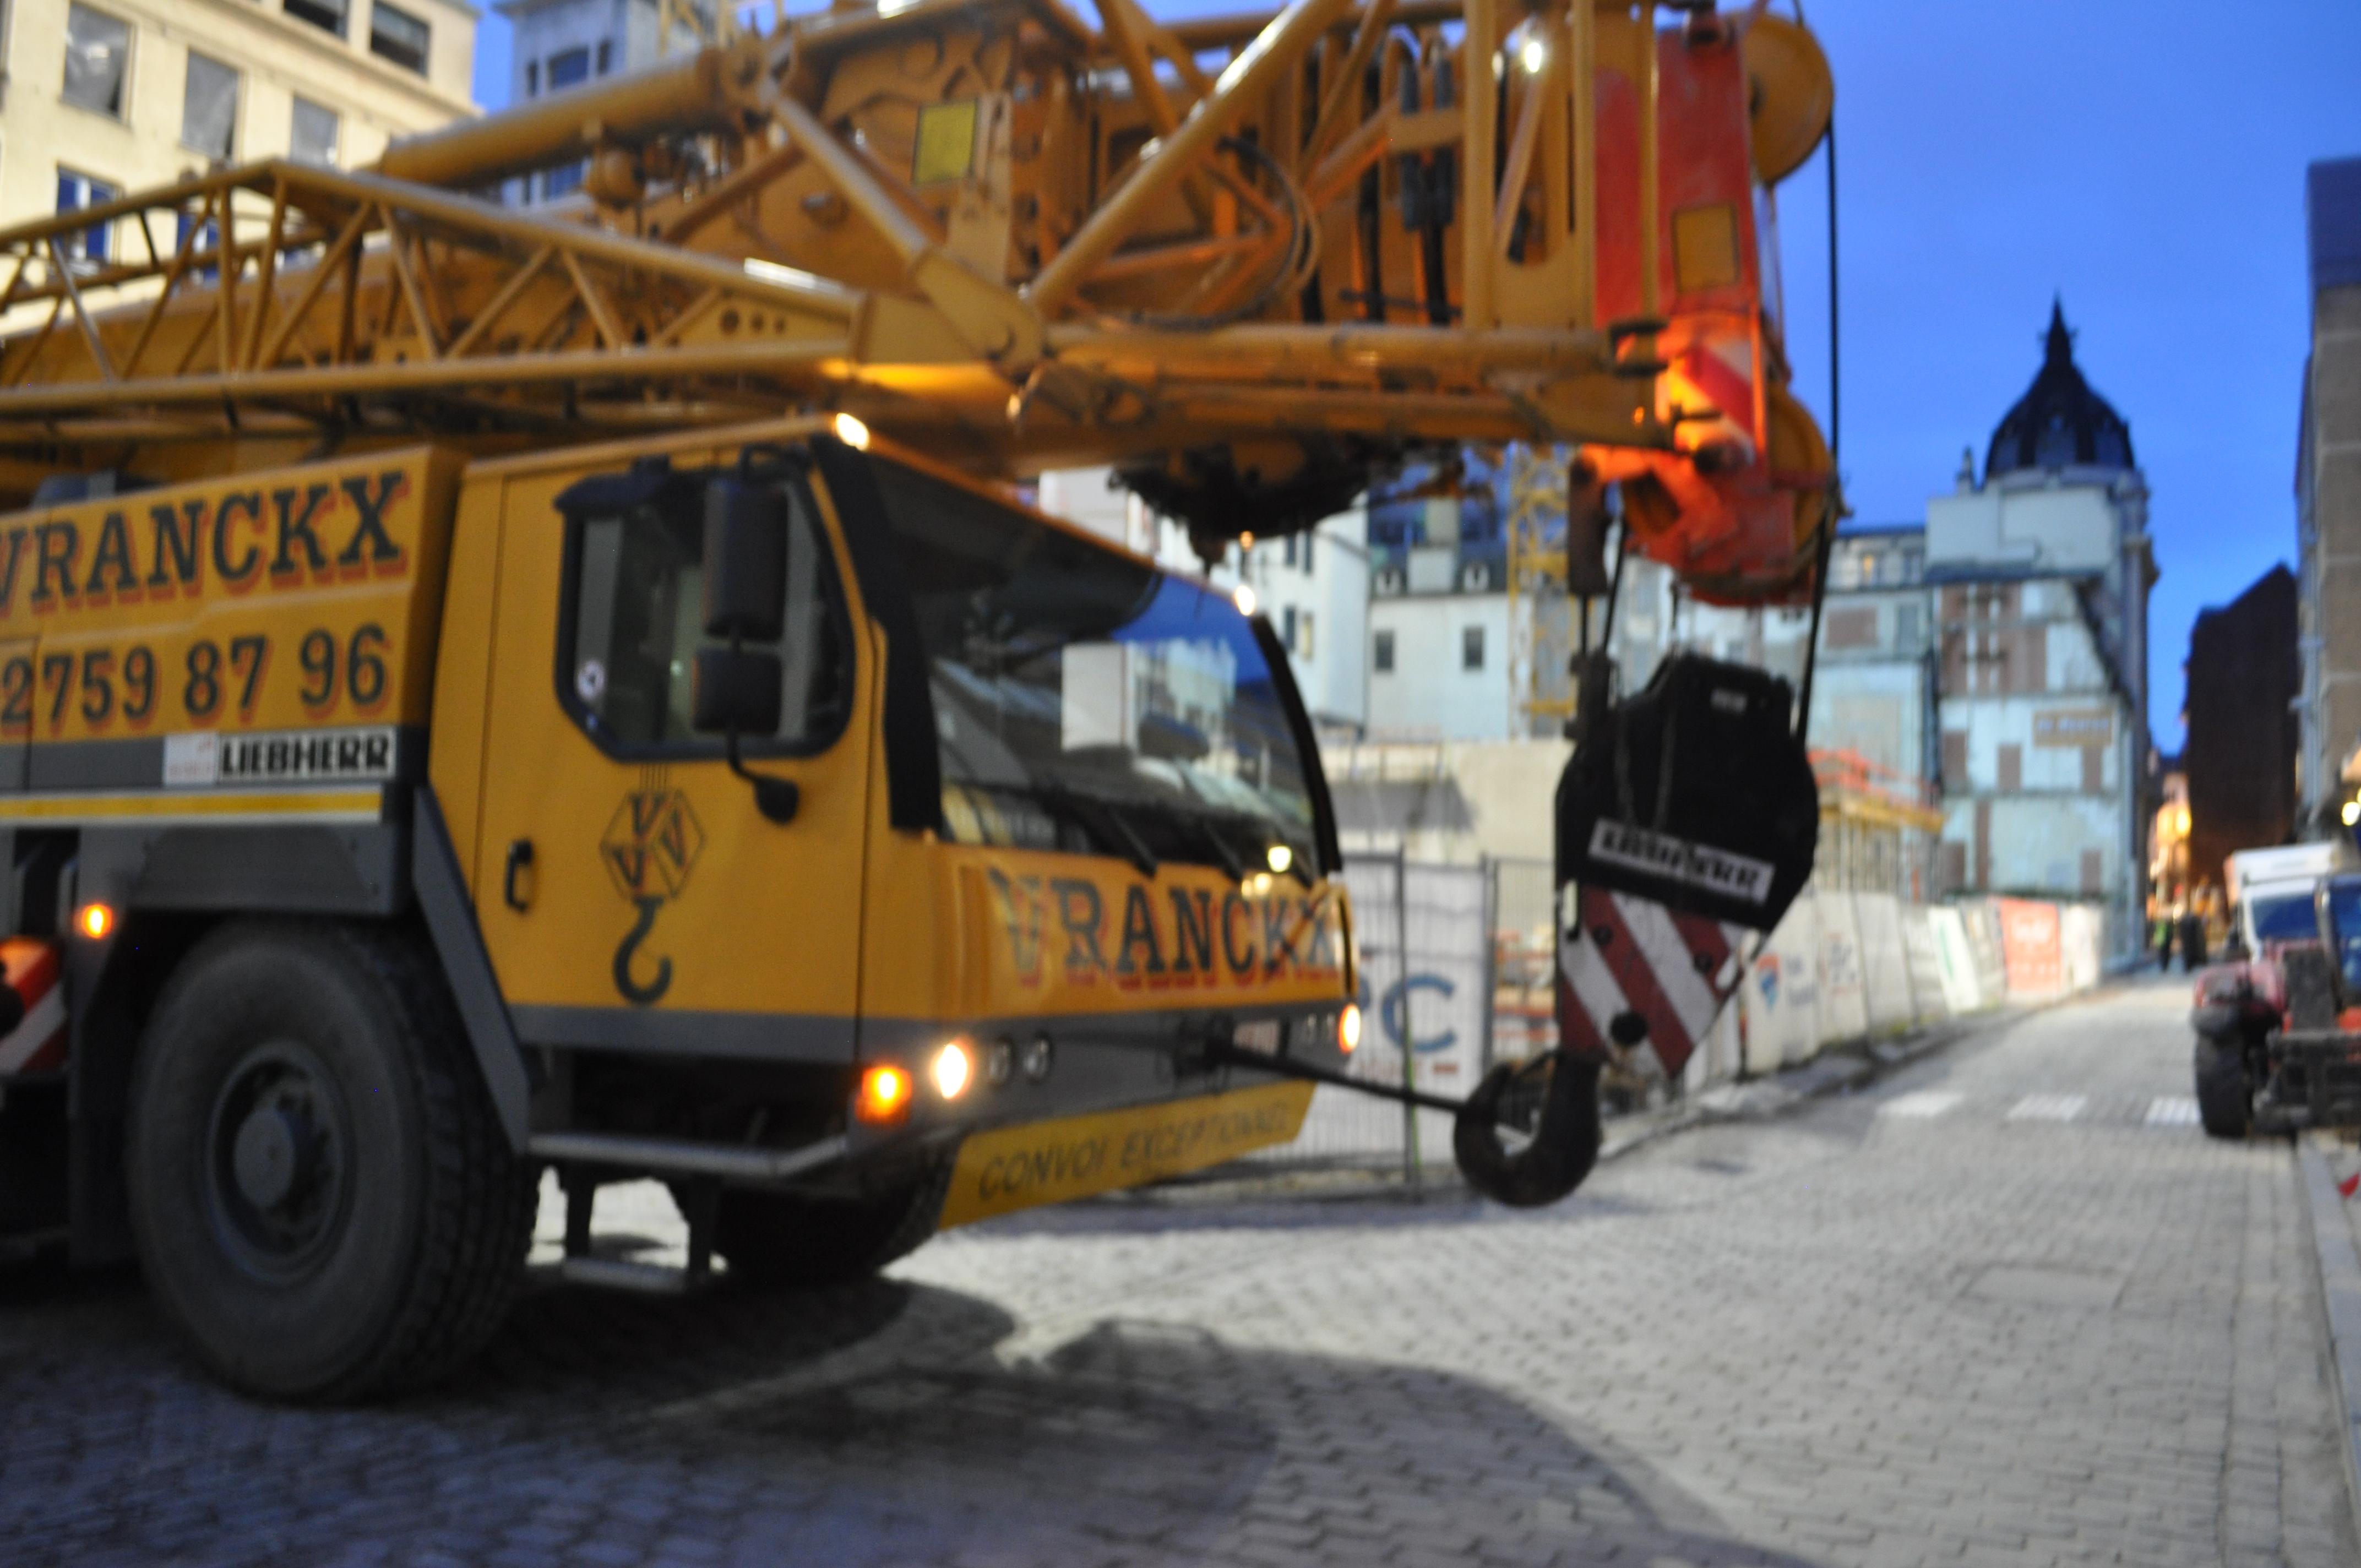 chantier-bruxelles-centre-forage-installation-pompe-puits-geothermie-eurodrill-liege-belgique-2